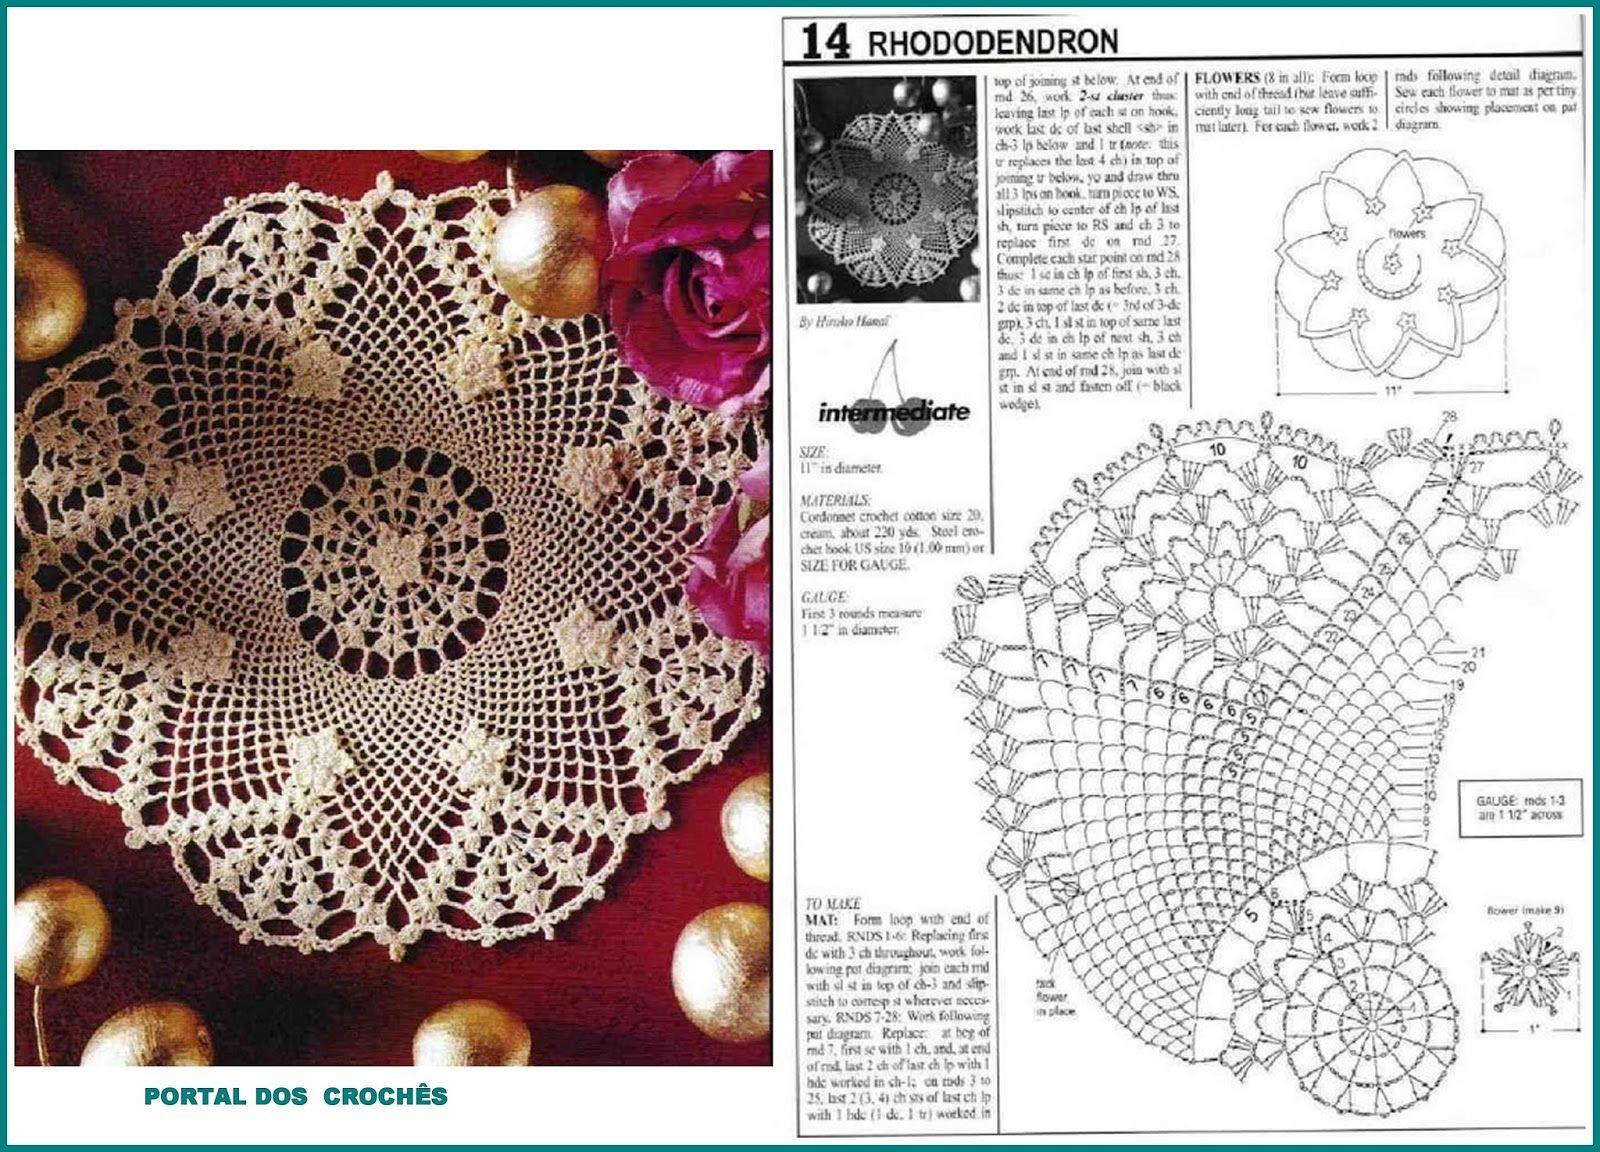 Variedades de crochês com gráficos | Centros de Crochê | Pinterest